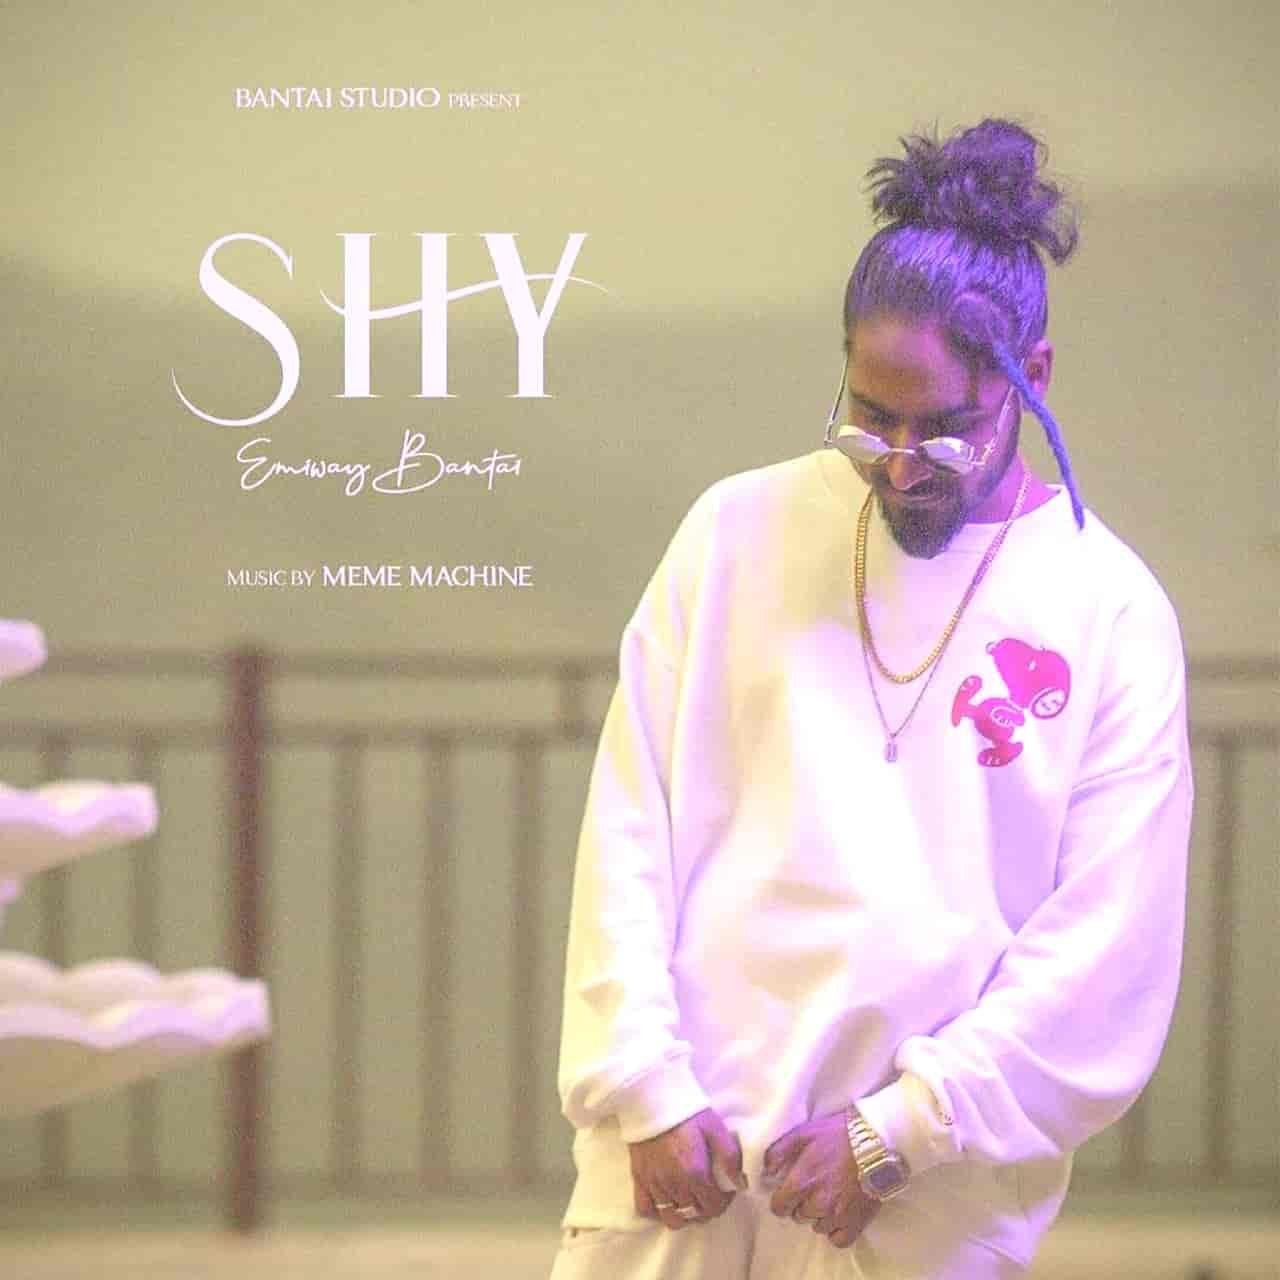 Shy Rap Song Lyrics Emiway Bantai